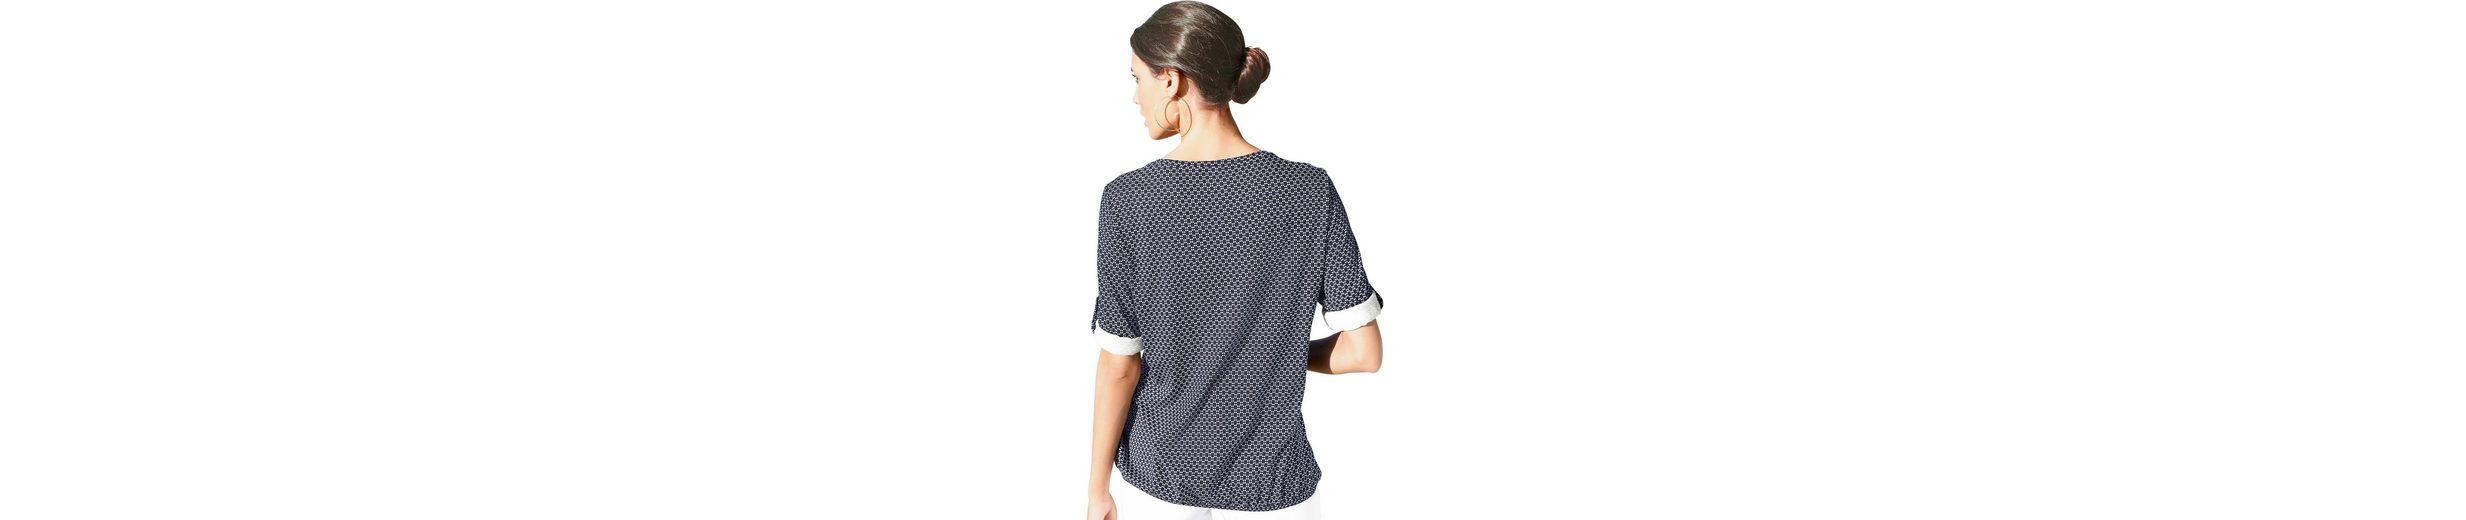 Schlupfform Classic Inspirationen modischer in Shirt Classic Inspirationen Shirt P0x56q